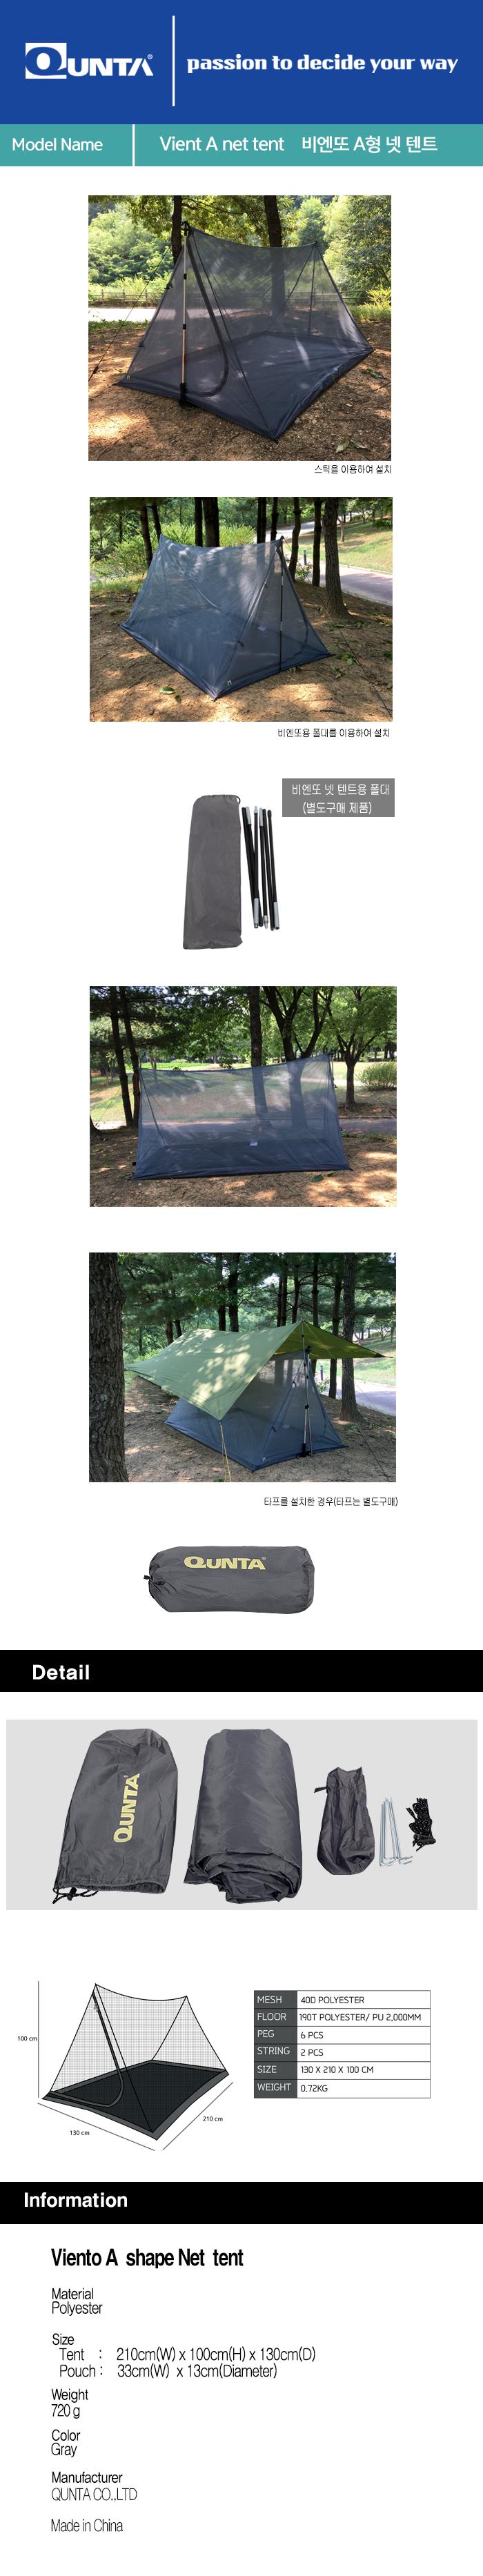 쿤타 비엔또 A형 모기장 텐트 2인용